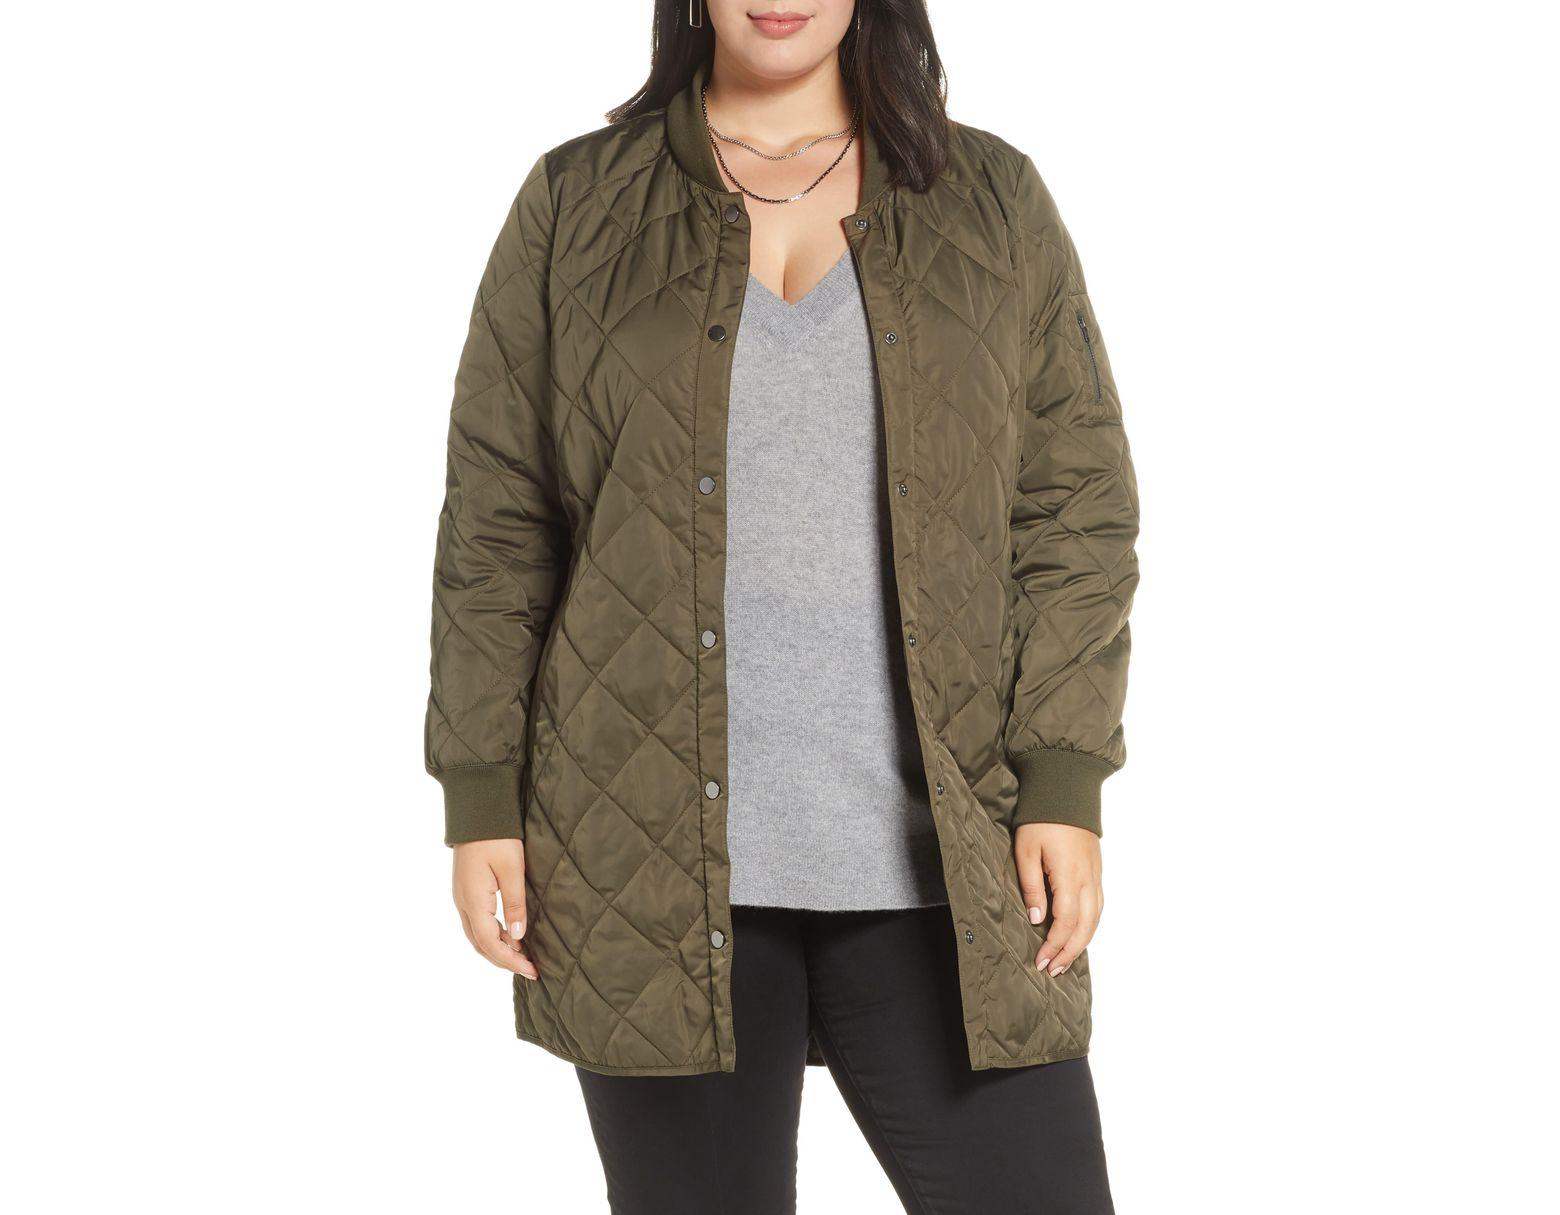 de9975cb4 Women's Green Halogen Quilted Bomber Coat